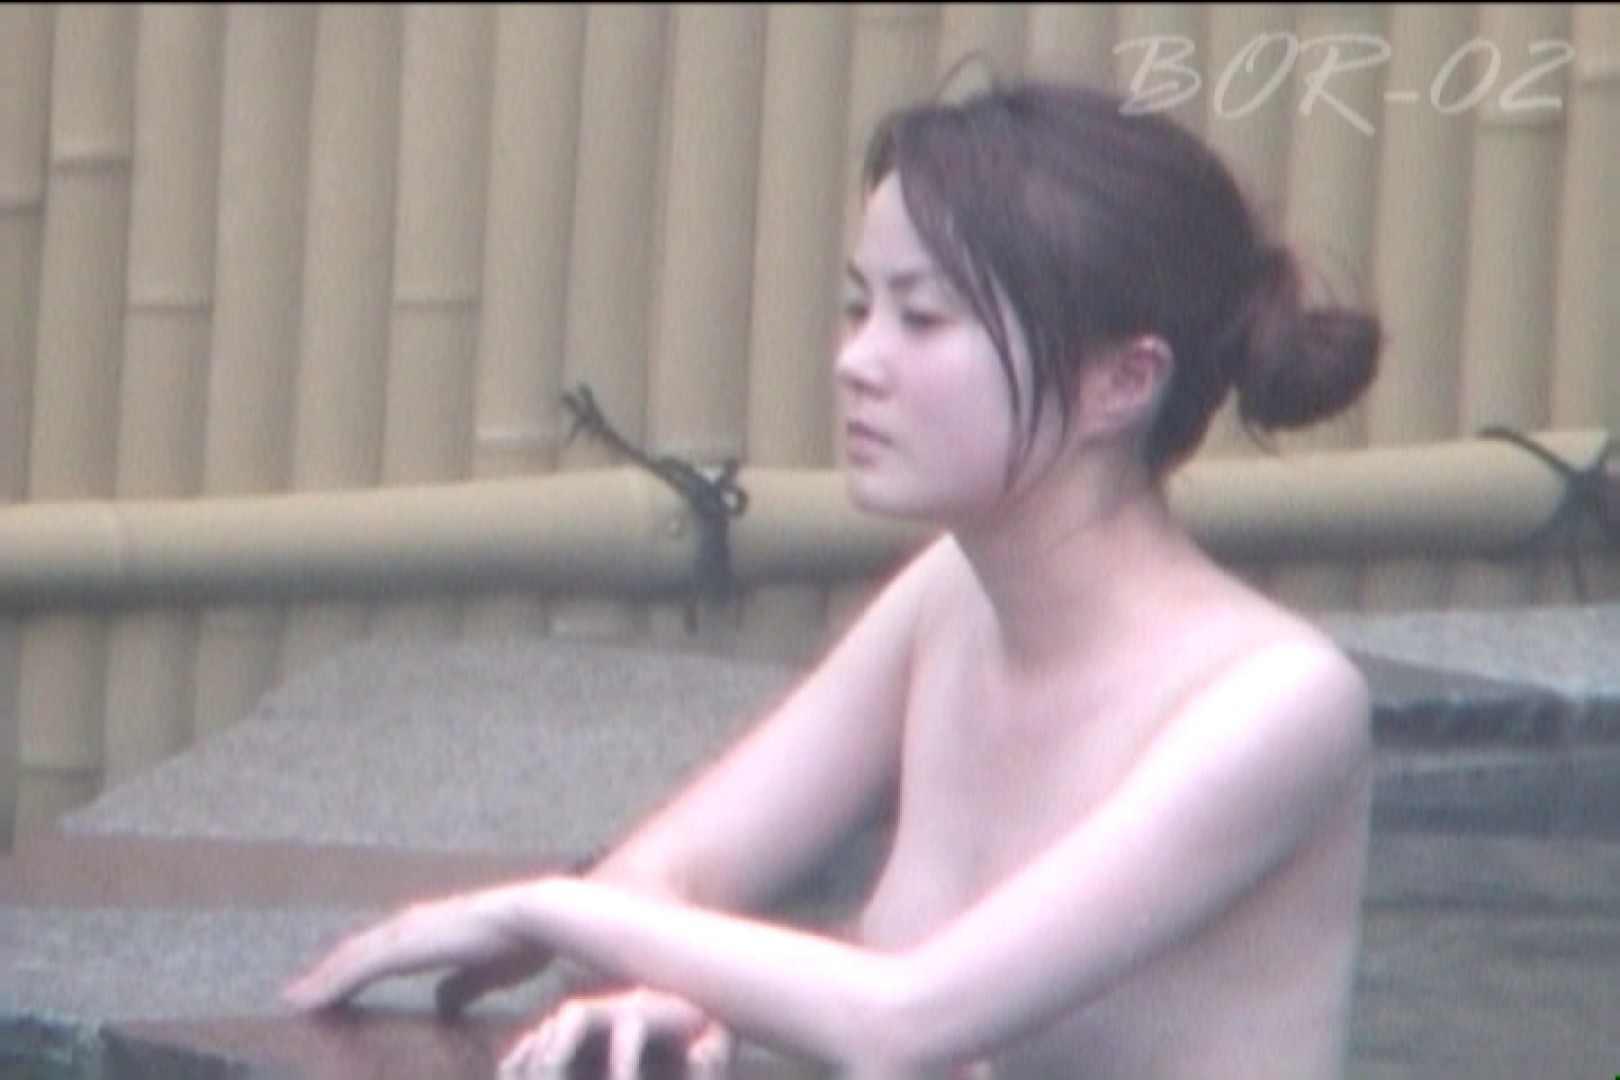 Aquaな露天風呂Vol.474 エッチな盗撮 ワレメ動画紹介 113pic 54